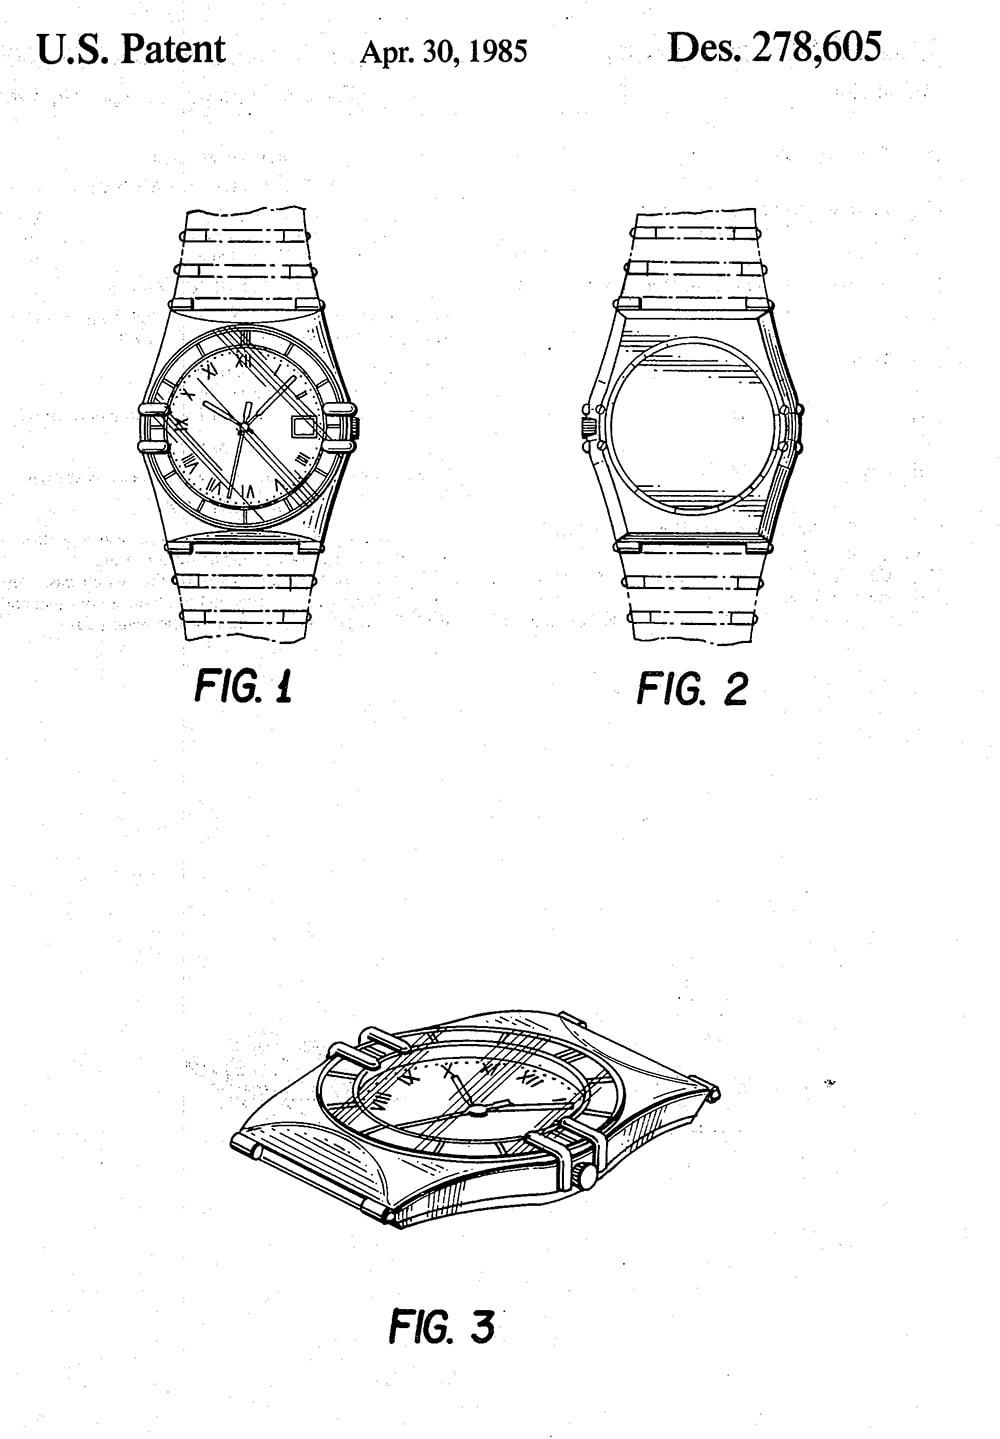 1985 US patent design Omega Constellation Manhattan